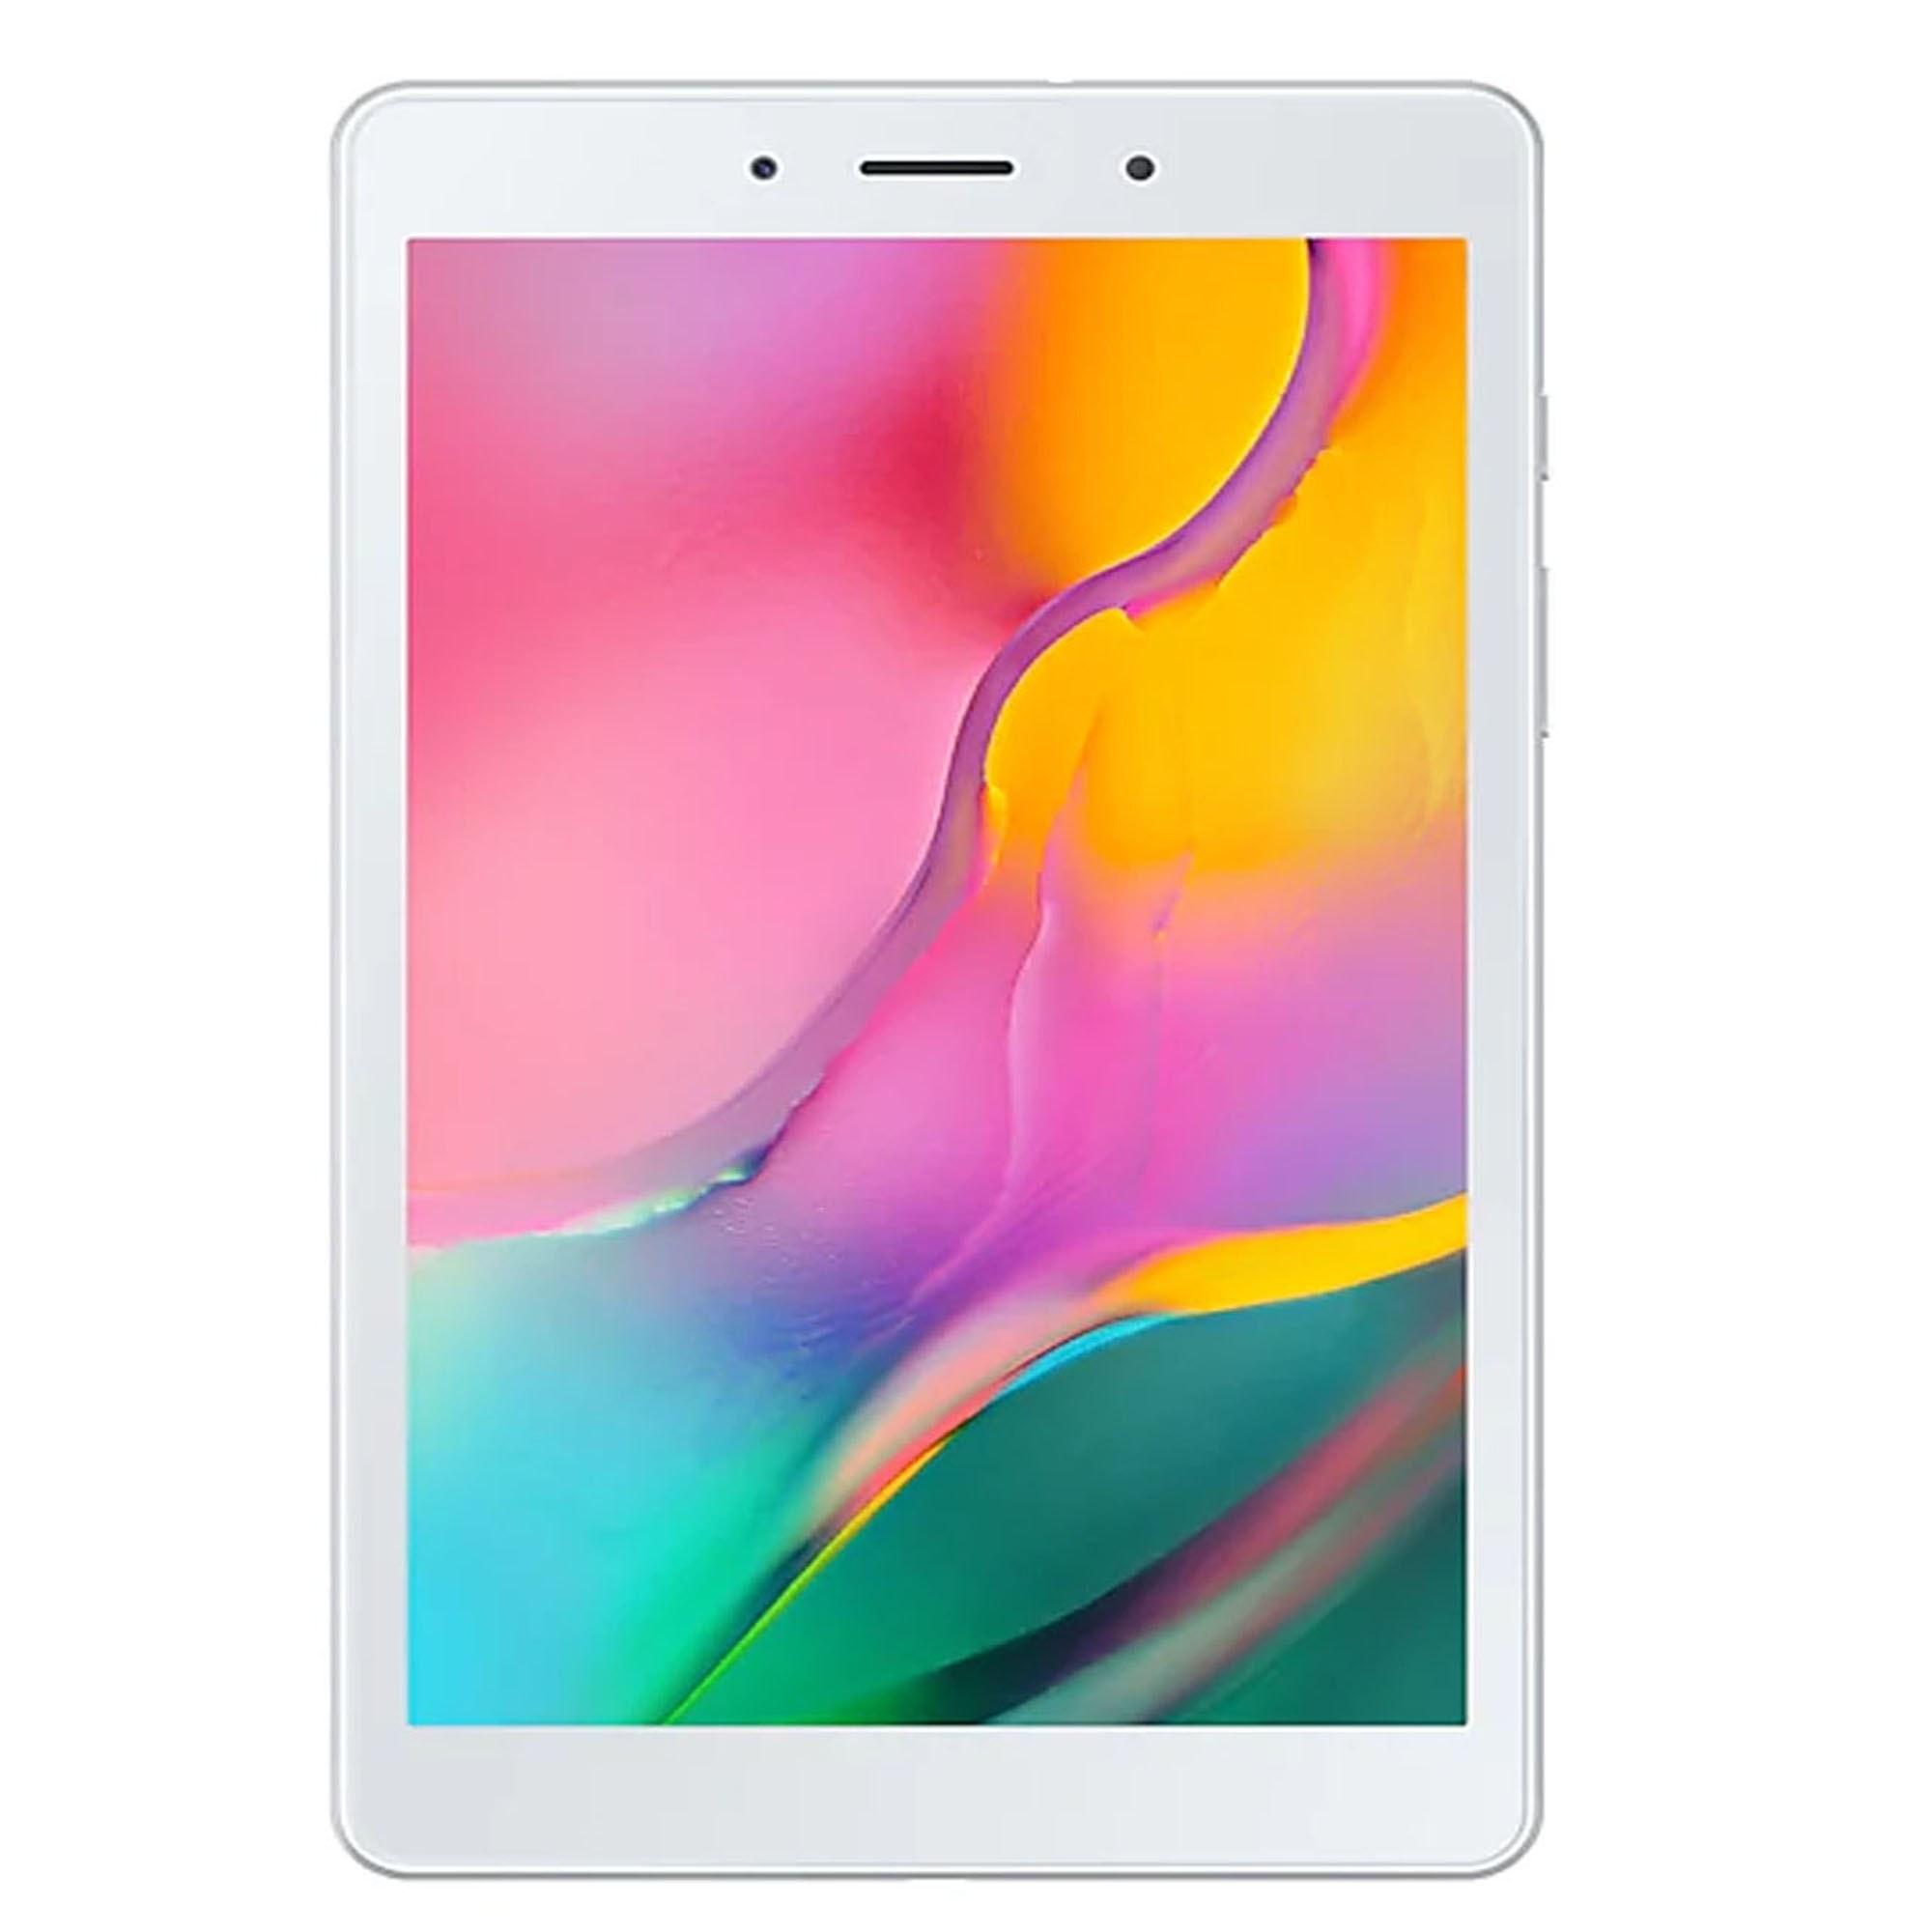 تبلت سامسونگ Galaxy Tab A 8.0 2019 مدل SM-T295 نسخه LTE